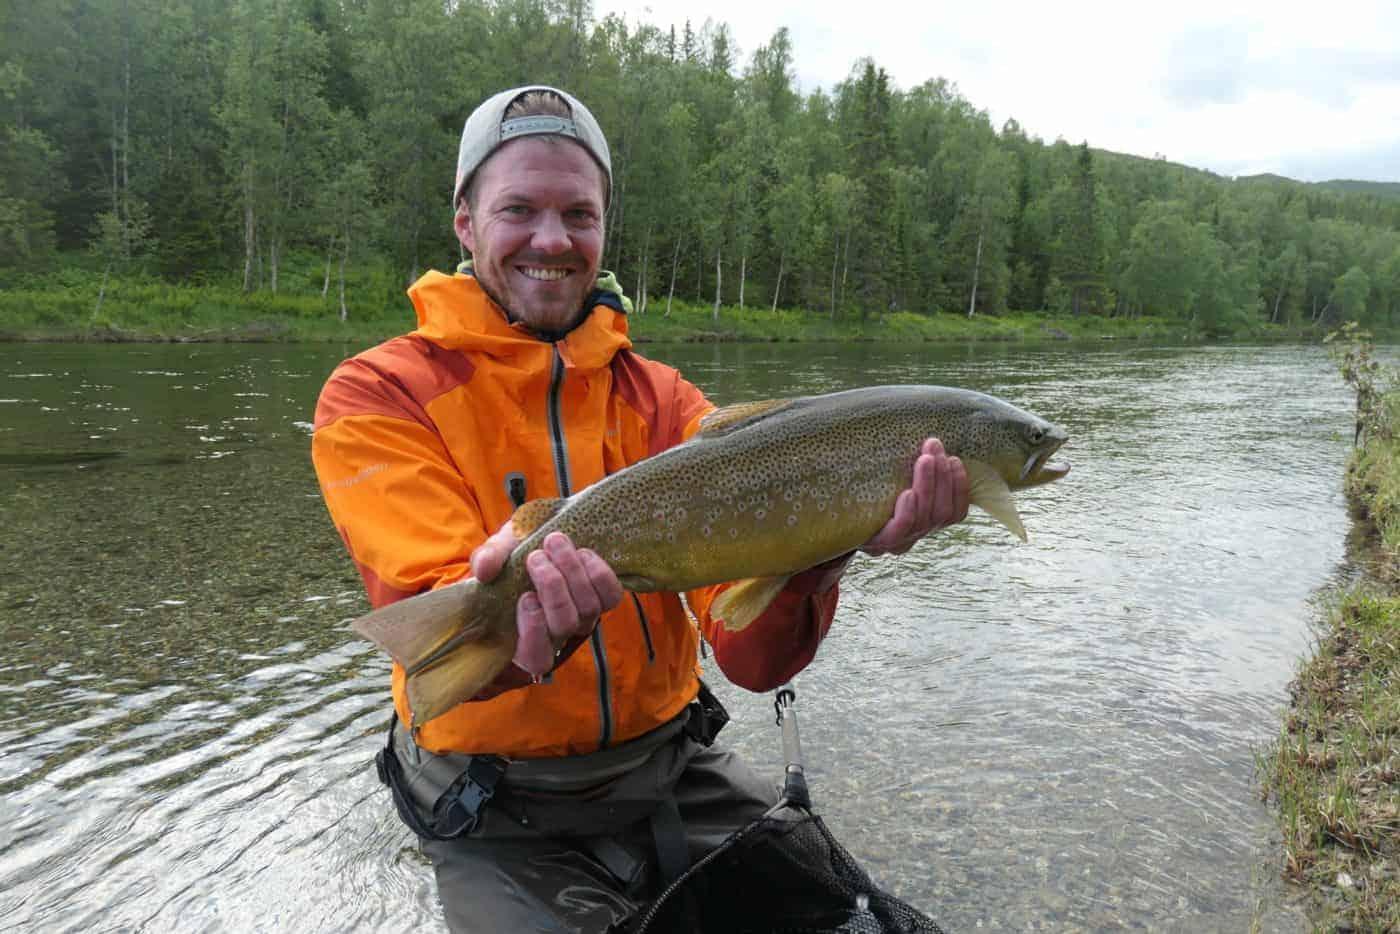 Grov fisk fra hemmeligstrekket i Nydelijohka? // Foto: EtterØrret